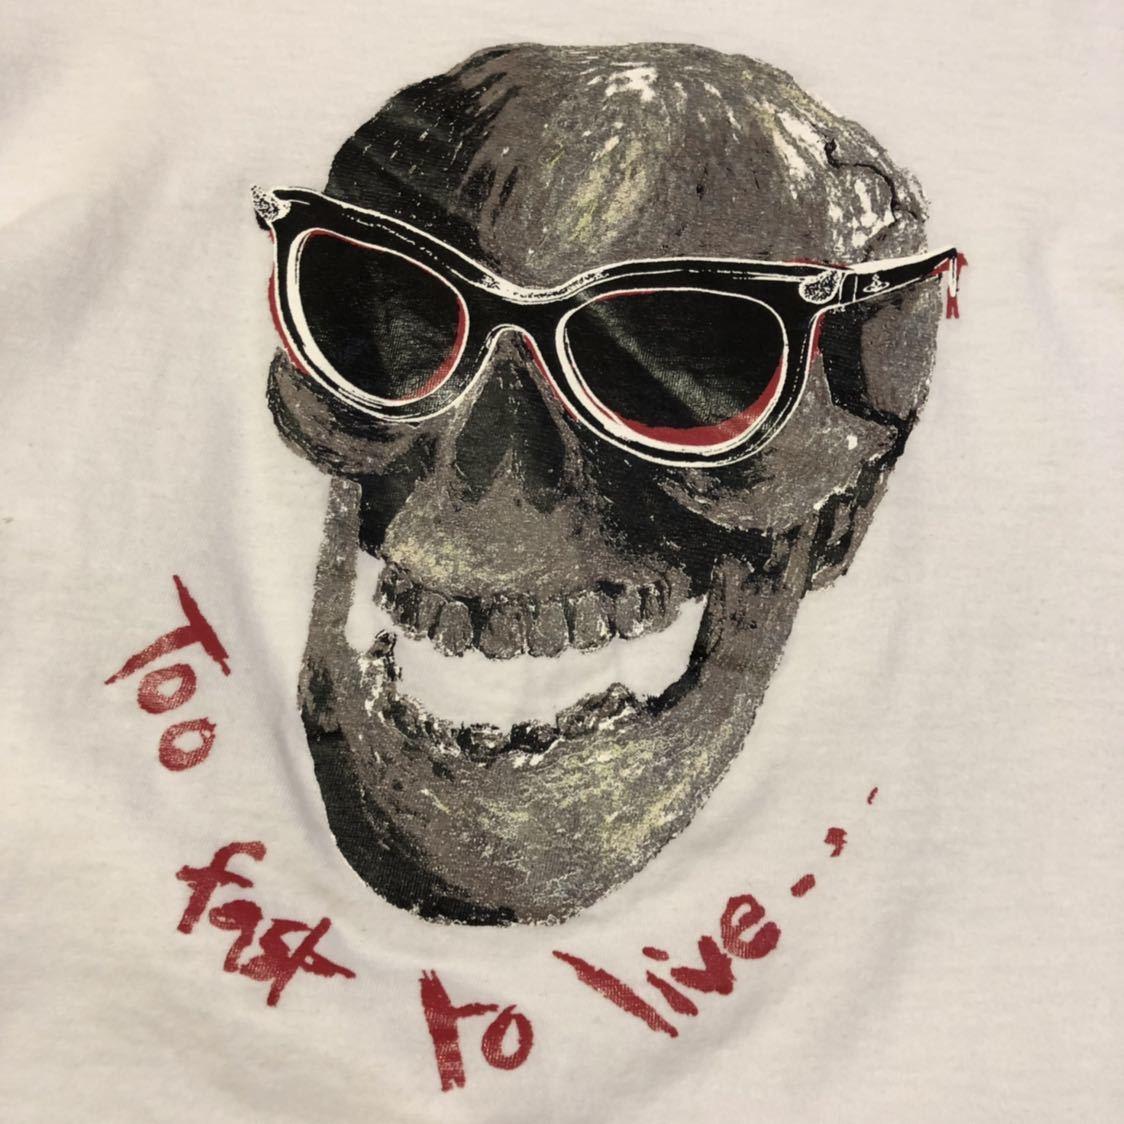 送料無料!46サイズ!日本製ヴィヴィアンウエストウッドマン 古着半袖Tシャツ_画像5